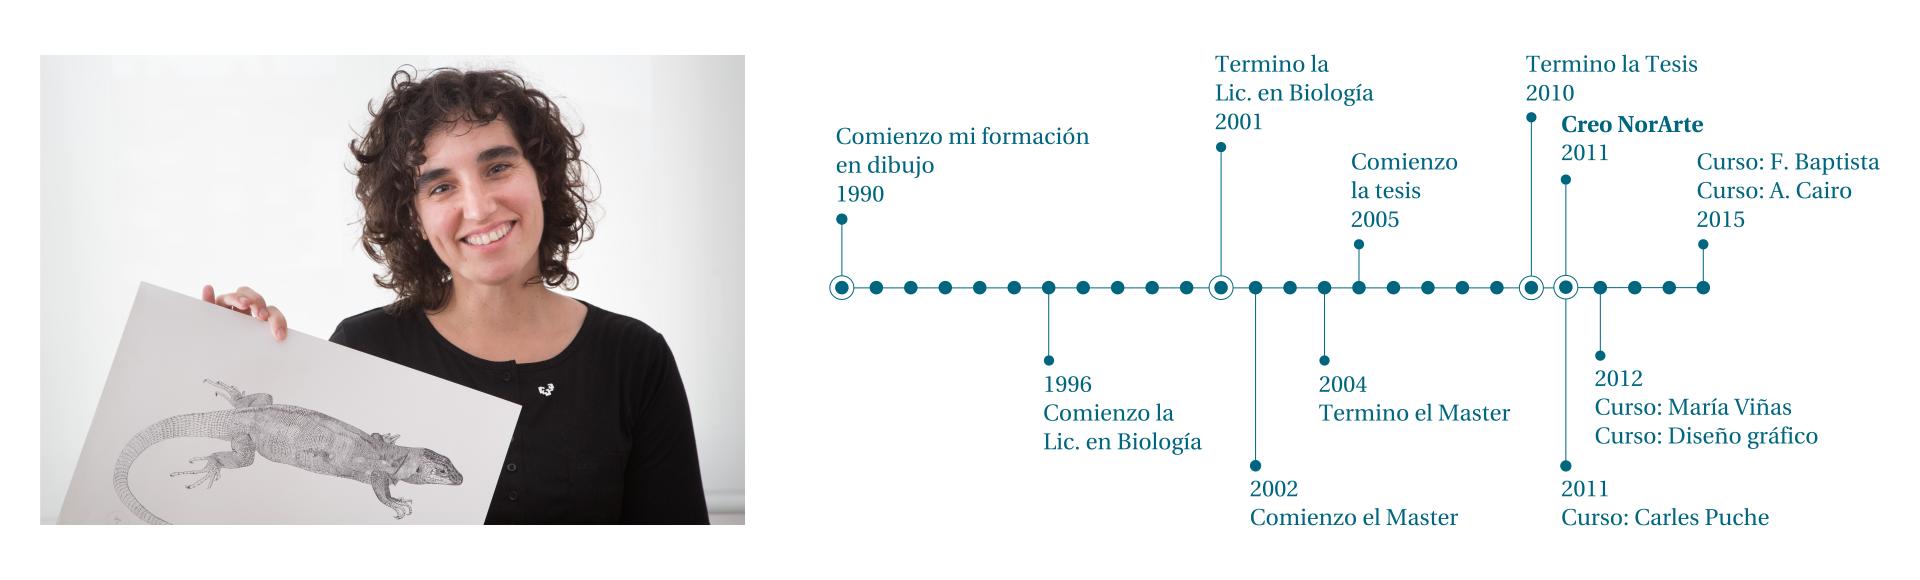 Vega Asensio CV